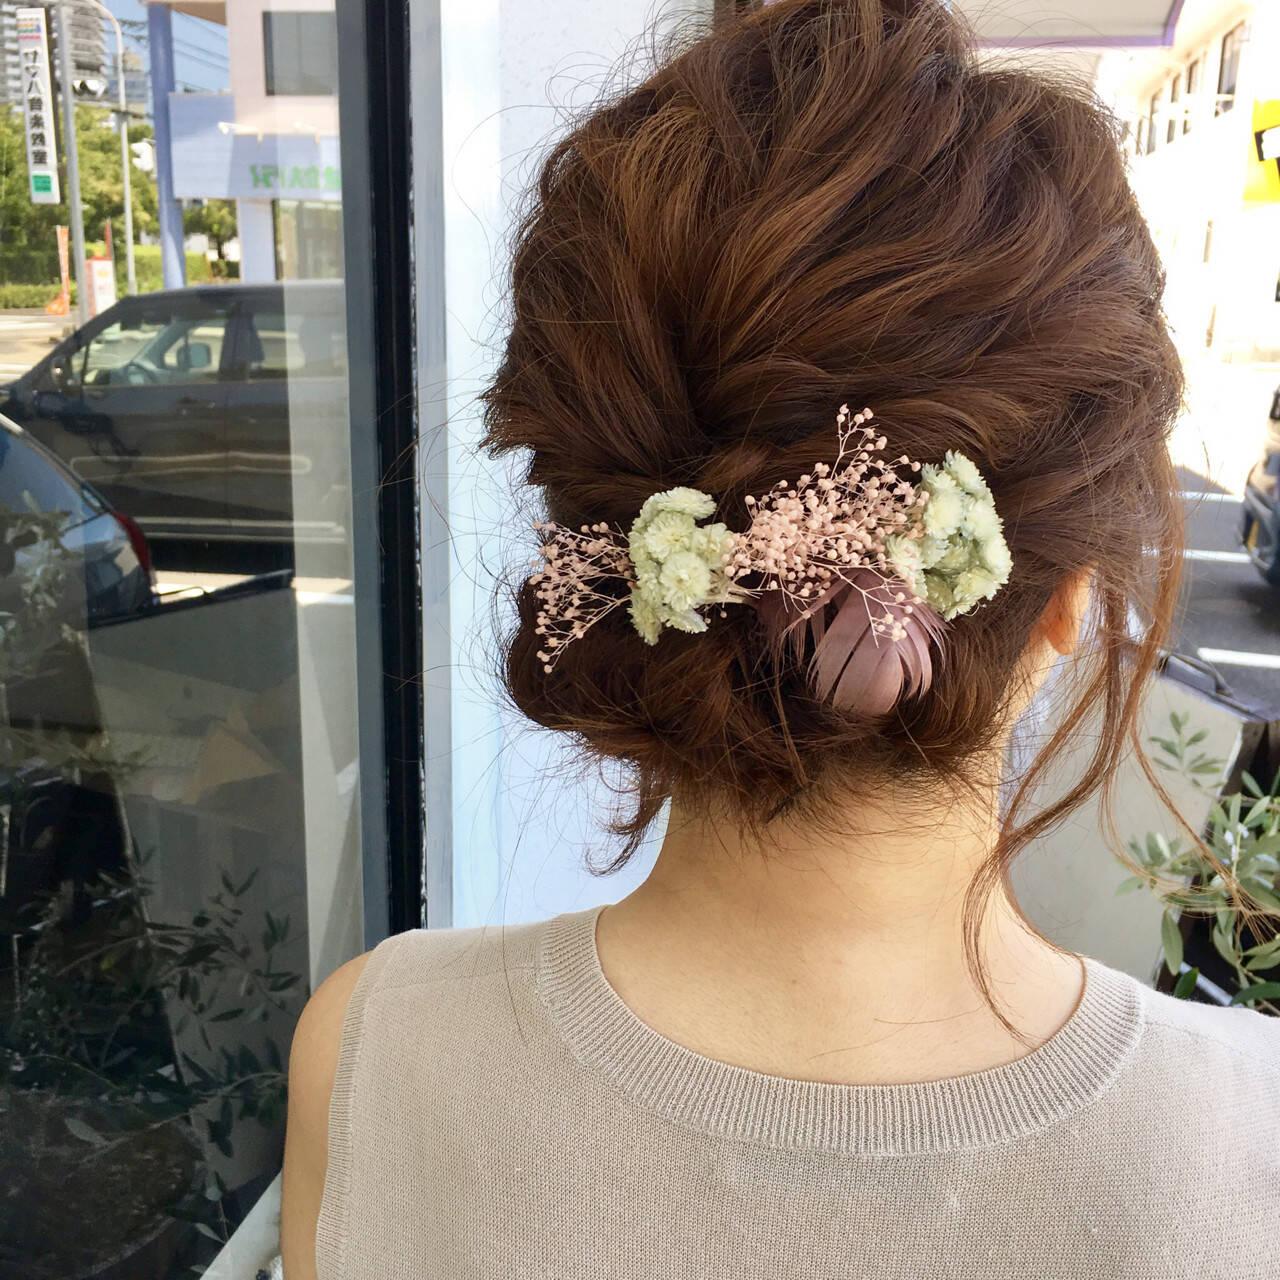 ミディアム 結婚式 まとめ髪 ヘアアレンジヘアスタイルや髪型の写真・画像